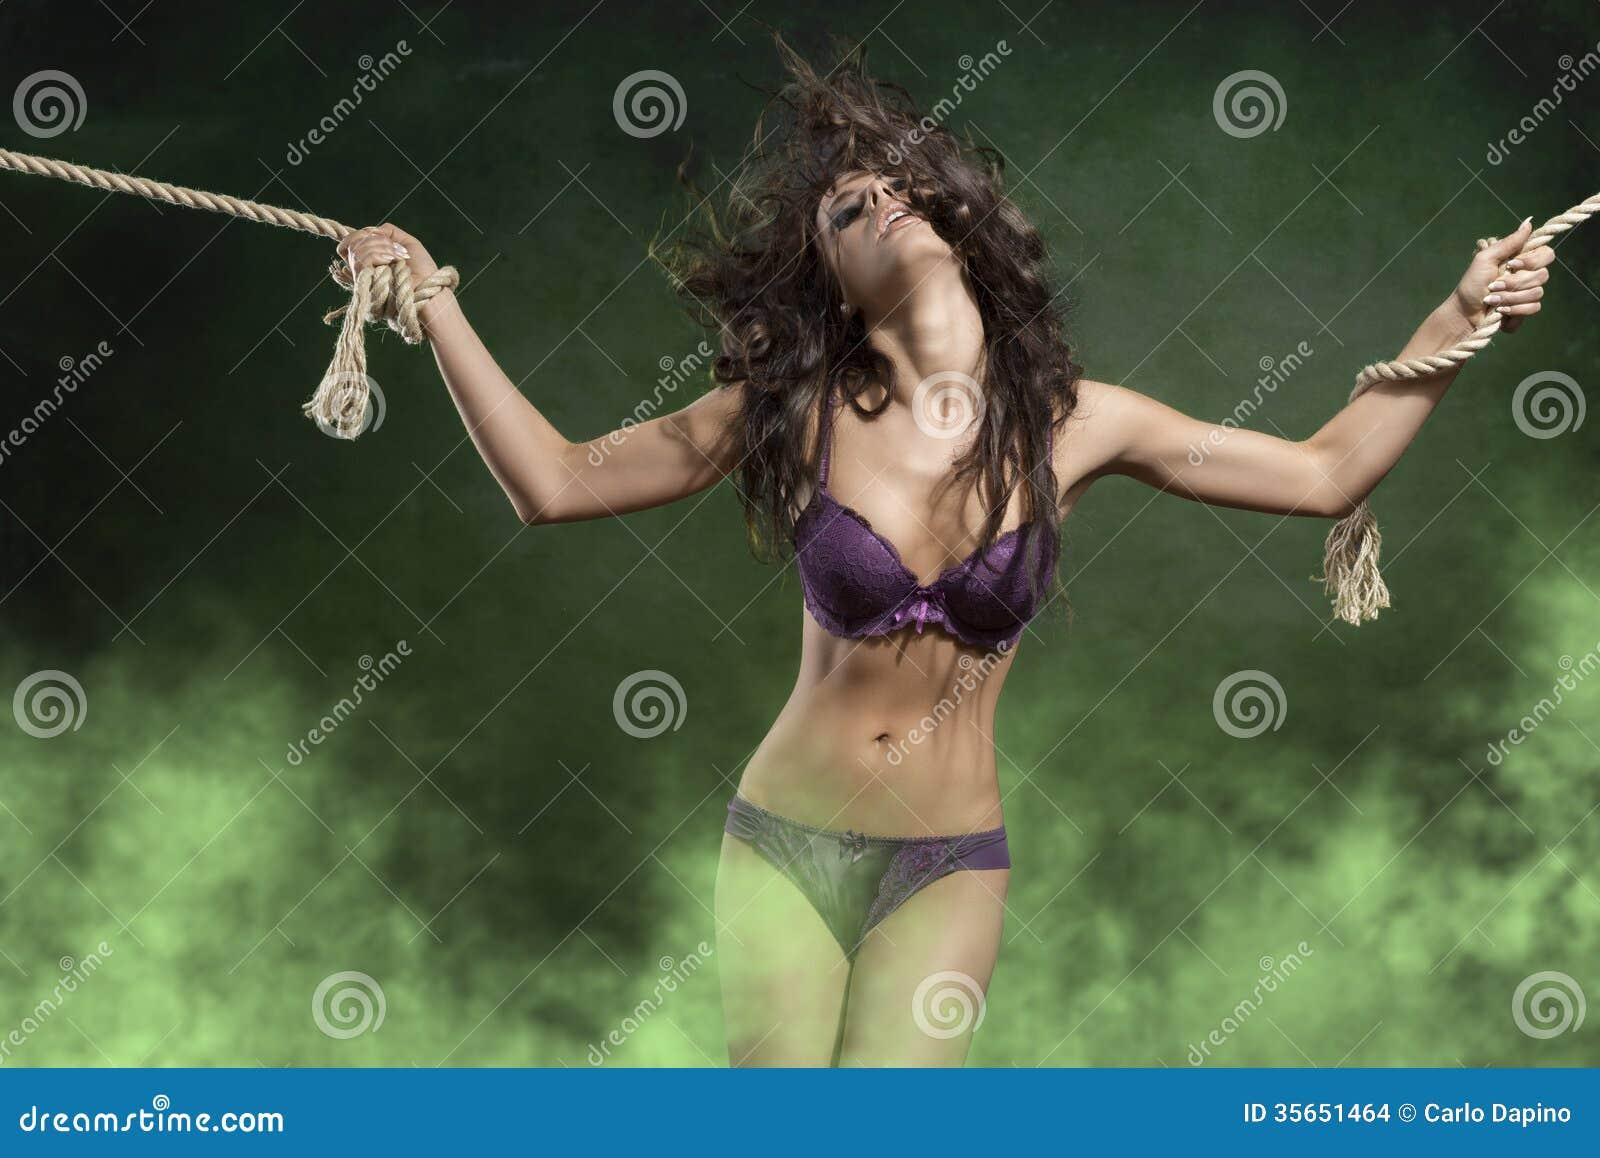 Mujer vistiendo bragas y atado con cuerda